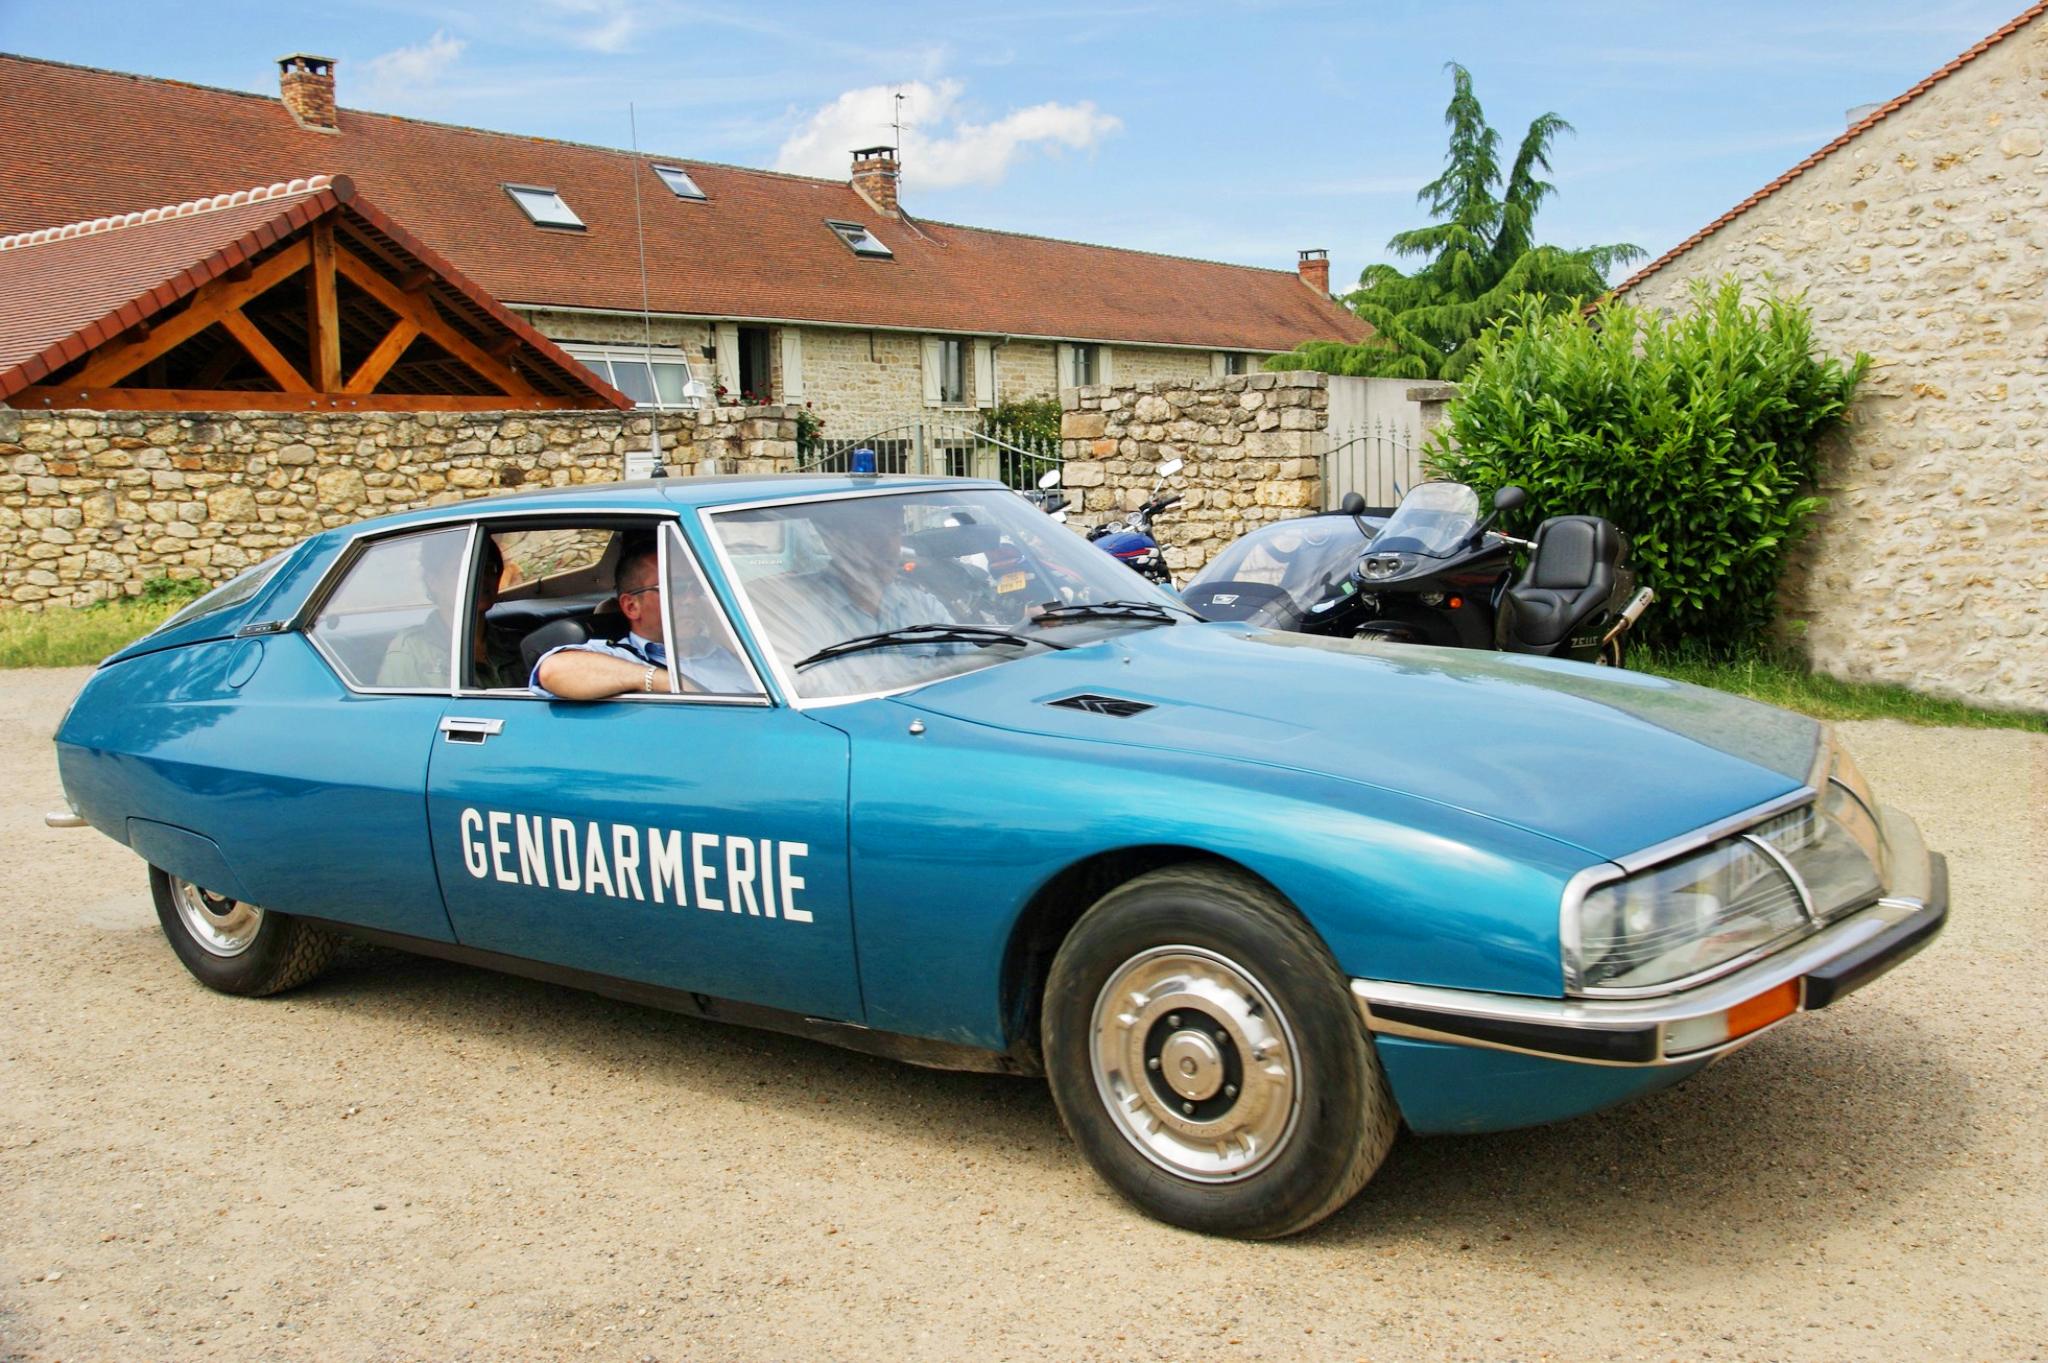 Citroen-SM-Gendarmerie.jpg